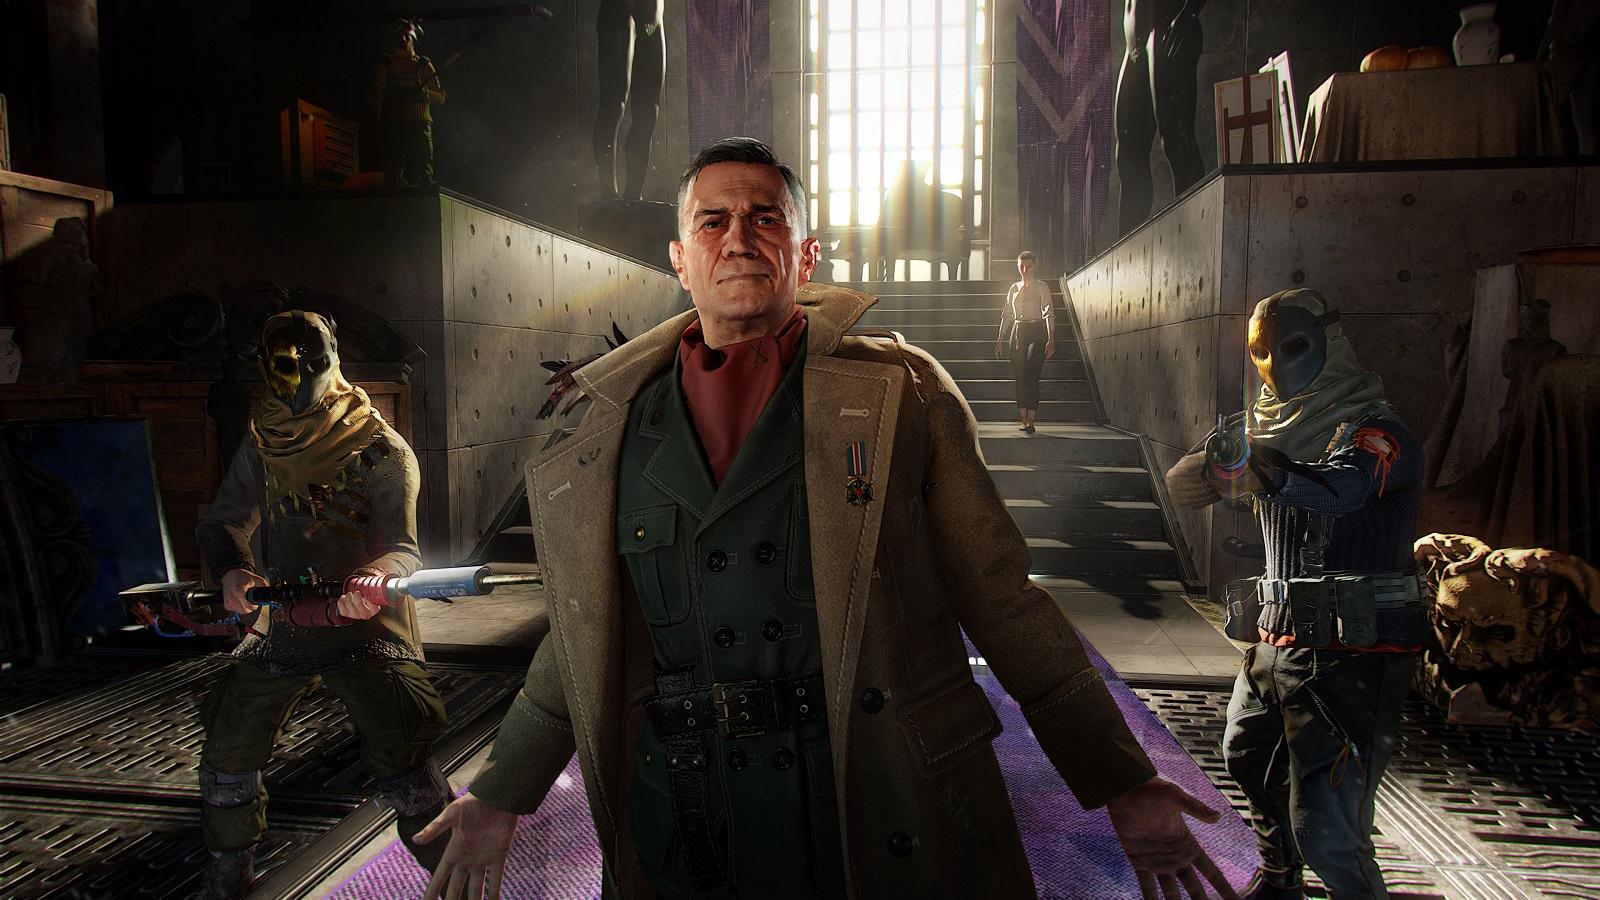 Разработчики Dying Light 2 пообещали начать говорить об игре «очень-очень скоро» и показали 13 секунд геймплея